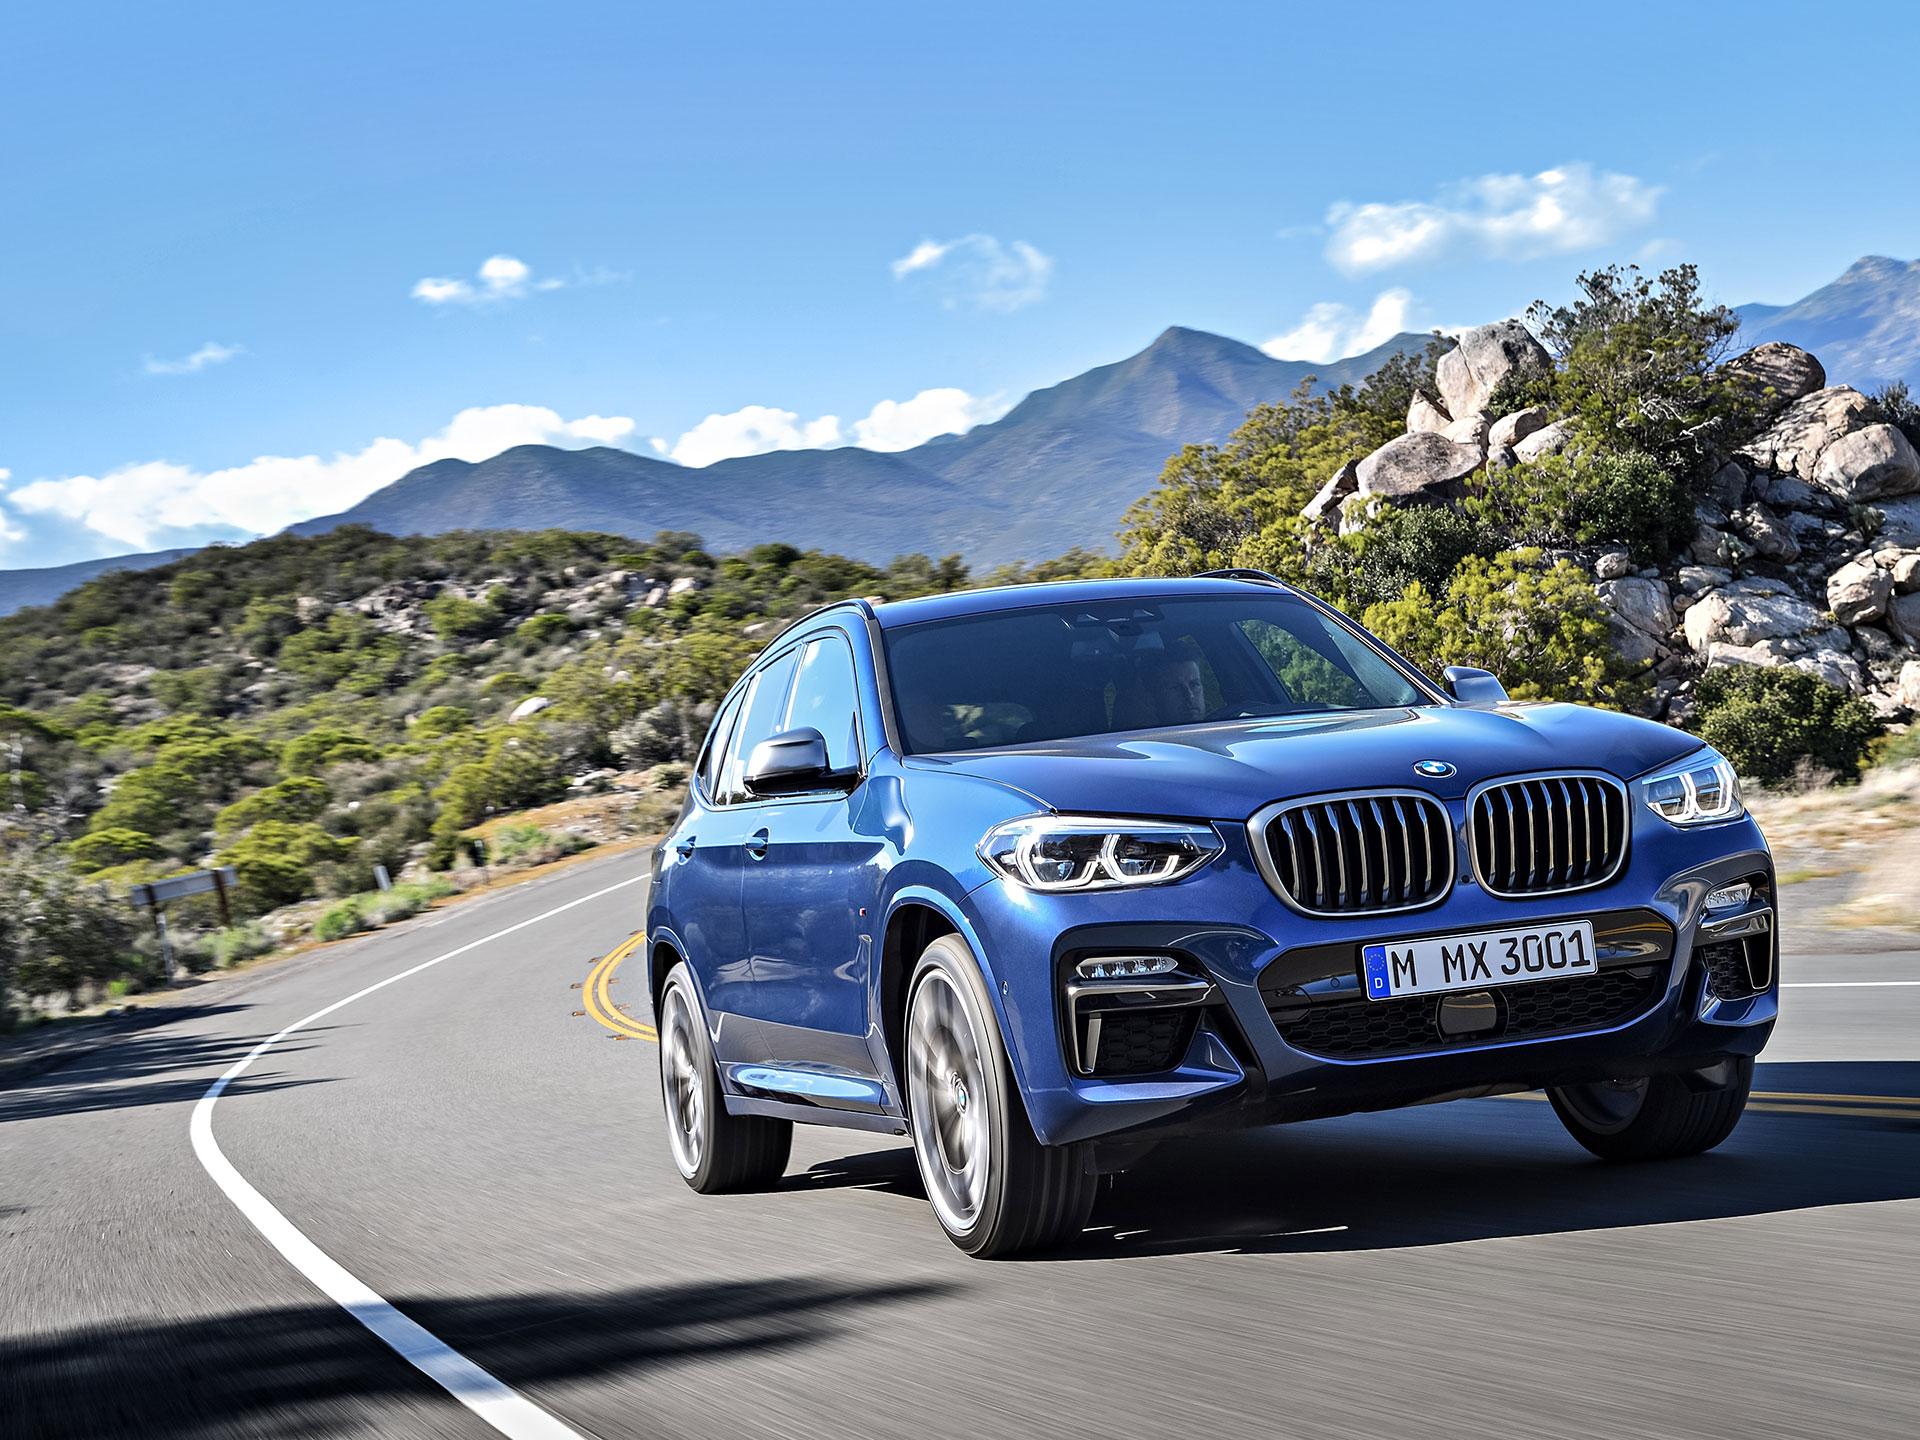 La tercera generación de la X3 asimismo se luce en el apartamento de exhibición de Frankfurt. Dentro de sus mejoras resaltan una menor altura y una mejor efectividad aerodinámica. Foto: BMW